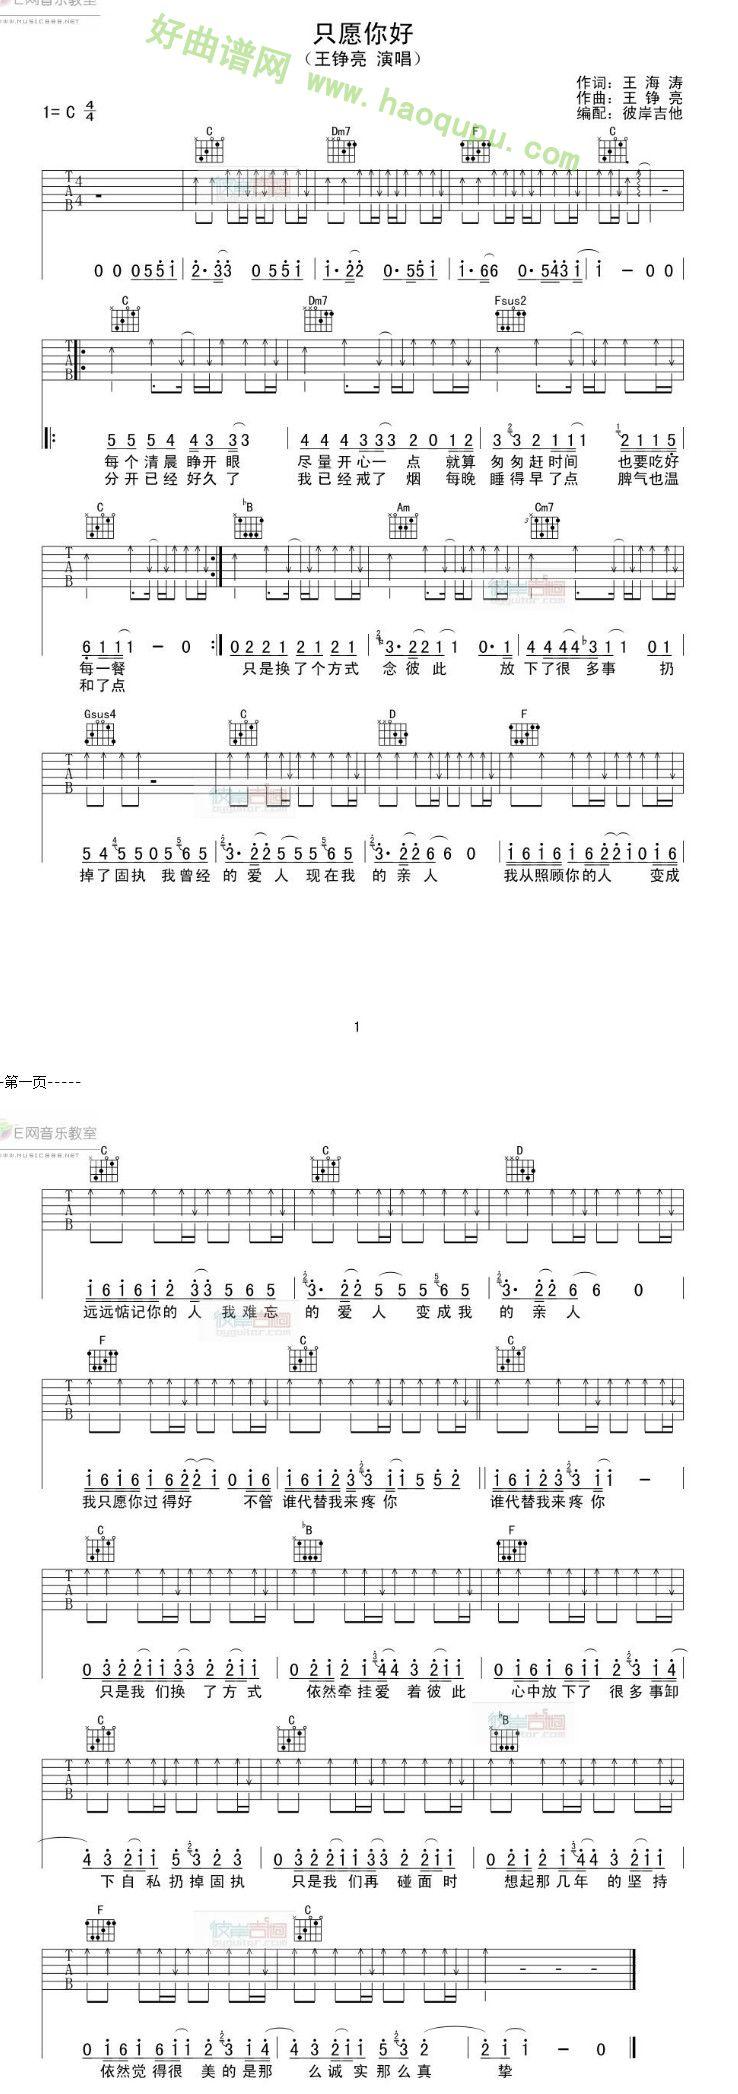 亮演唱) - 吉他谱